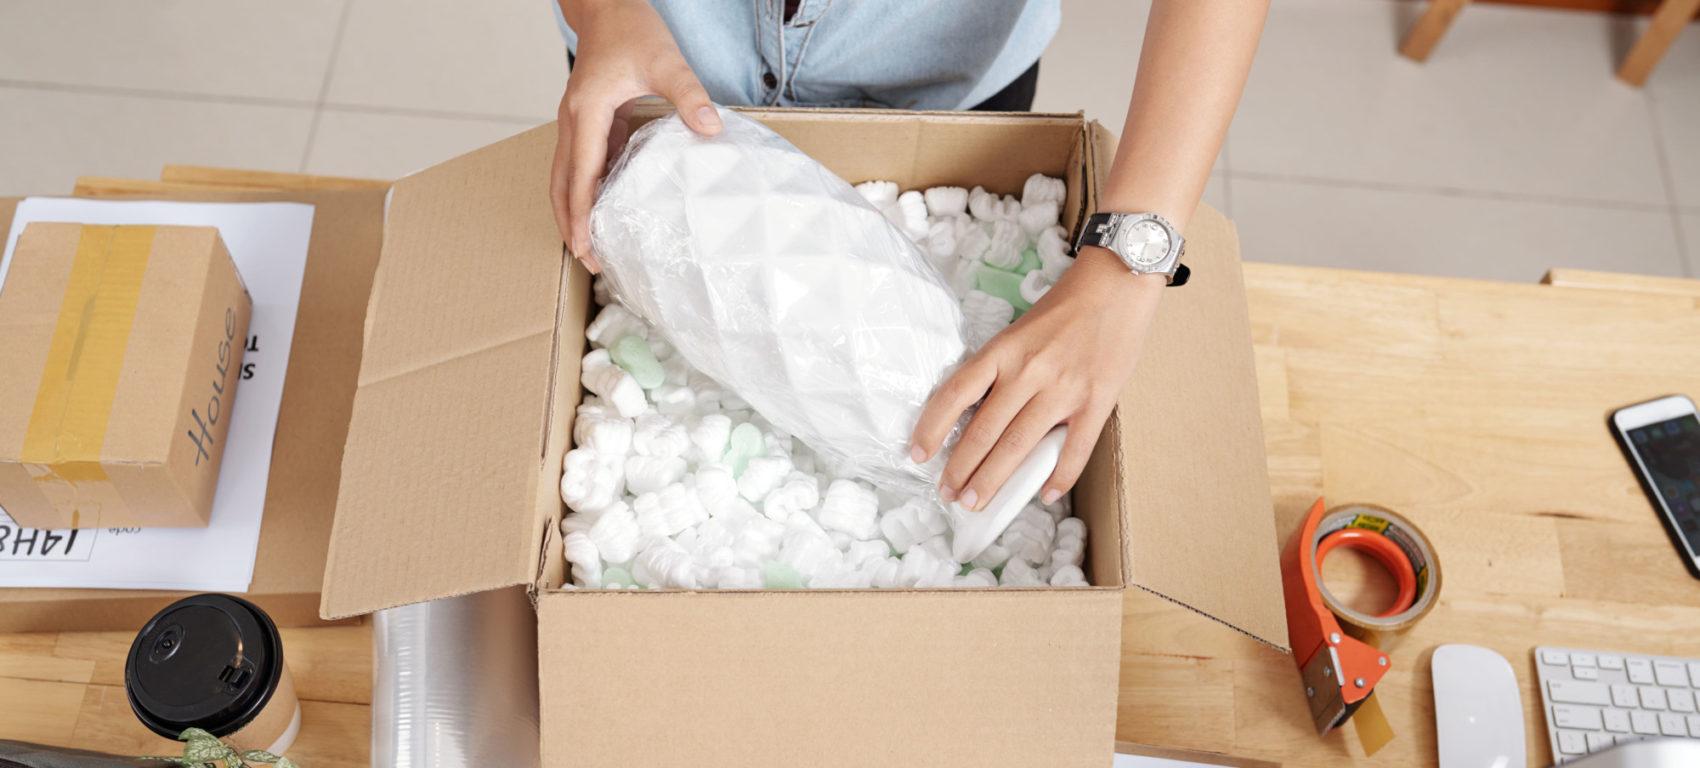 pakket verpakken